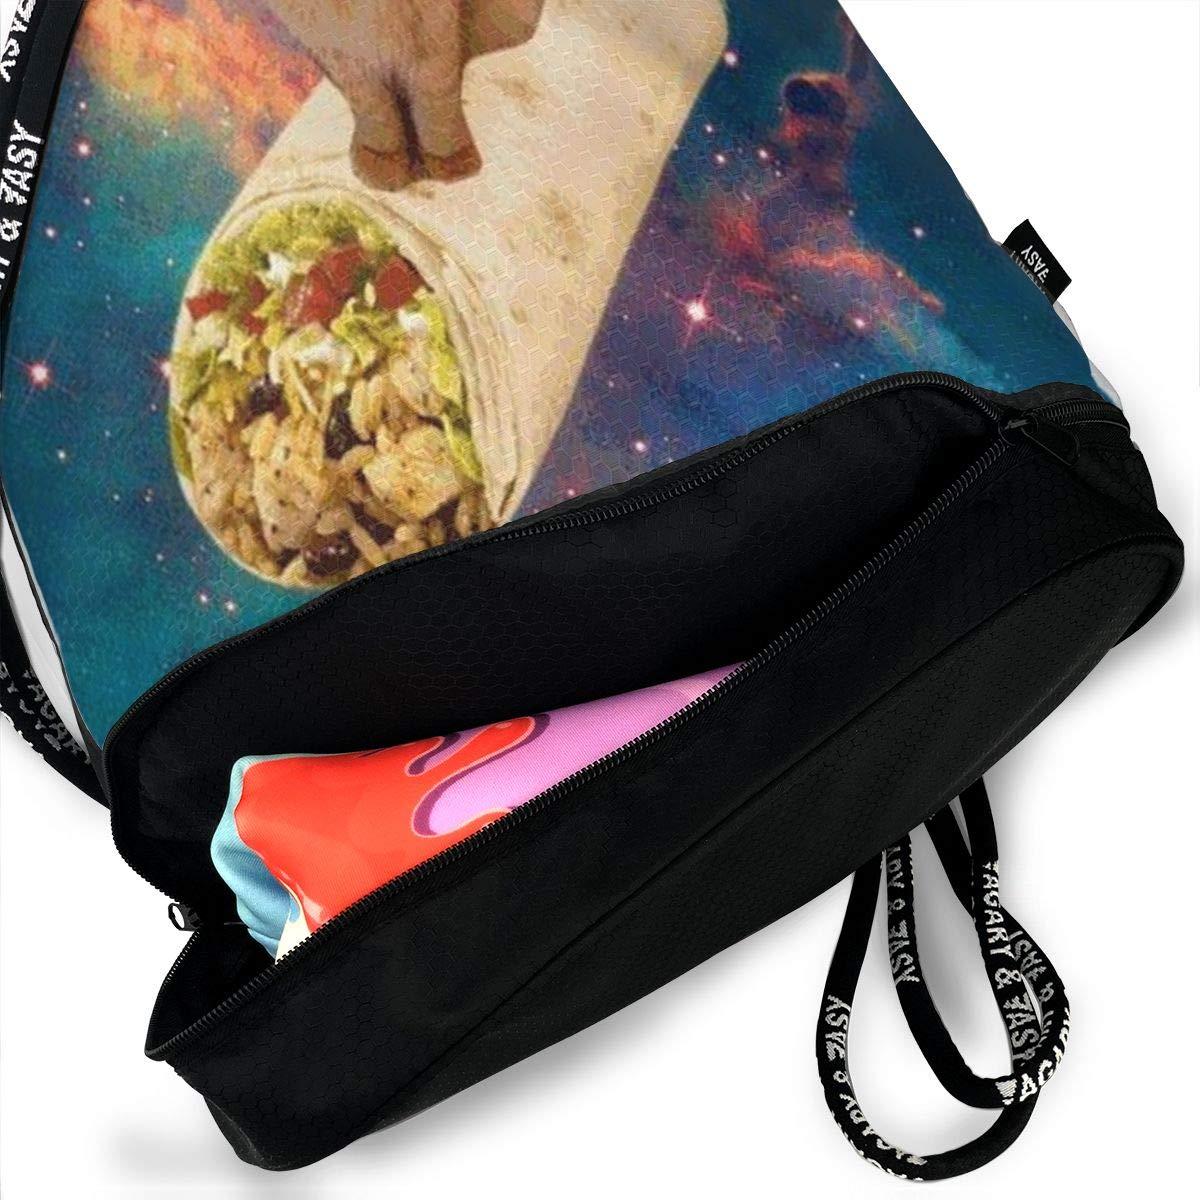 HUOPR5Q Cat On Mexican Twister Drawstring Backpack Sport Gym Sack Shoulder Bulk Bag Dance Bag for School Travel